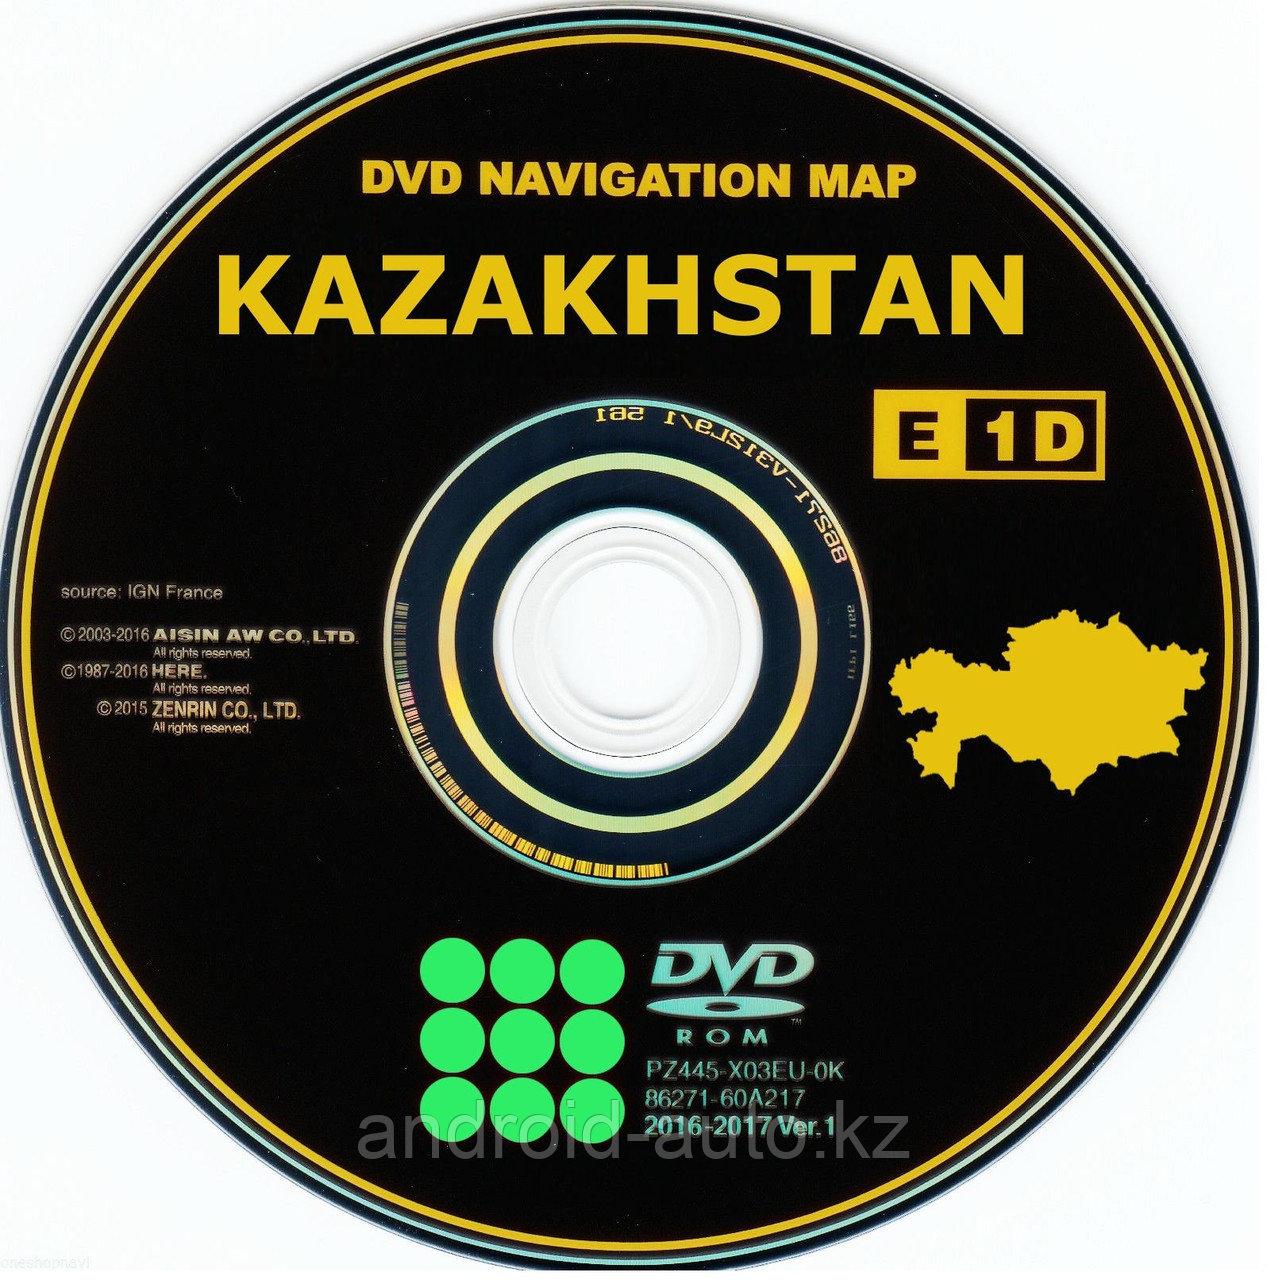 НОВИНКА!!! Новые за 2020 DVD Карты навигации по КАЗАХСТАНУ и Киргизии для LEXUS GS S190 c 2004-2009год